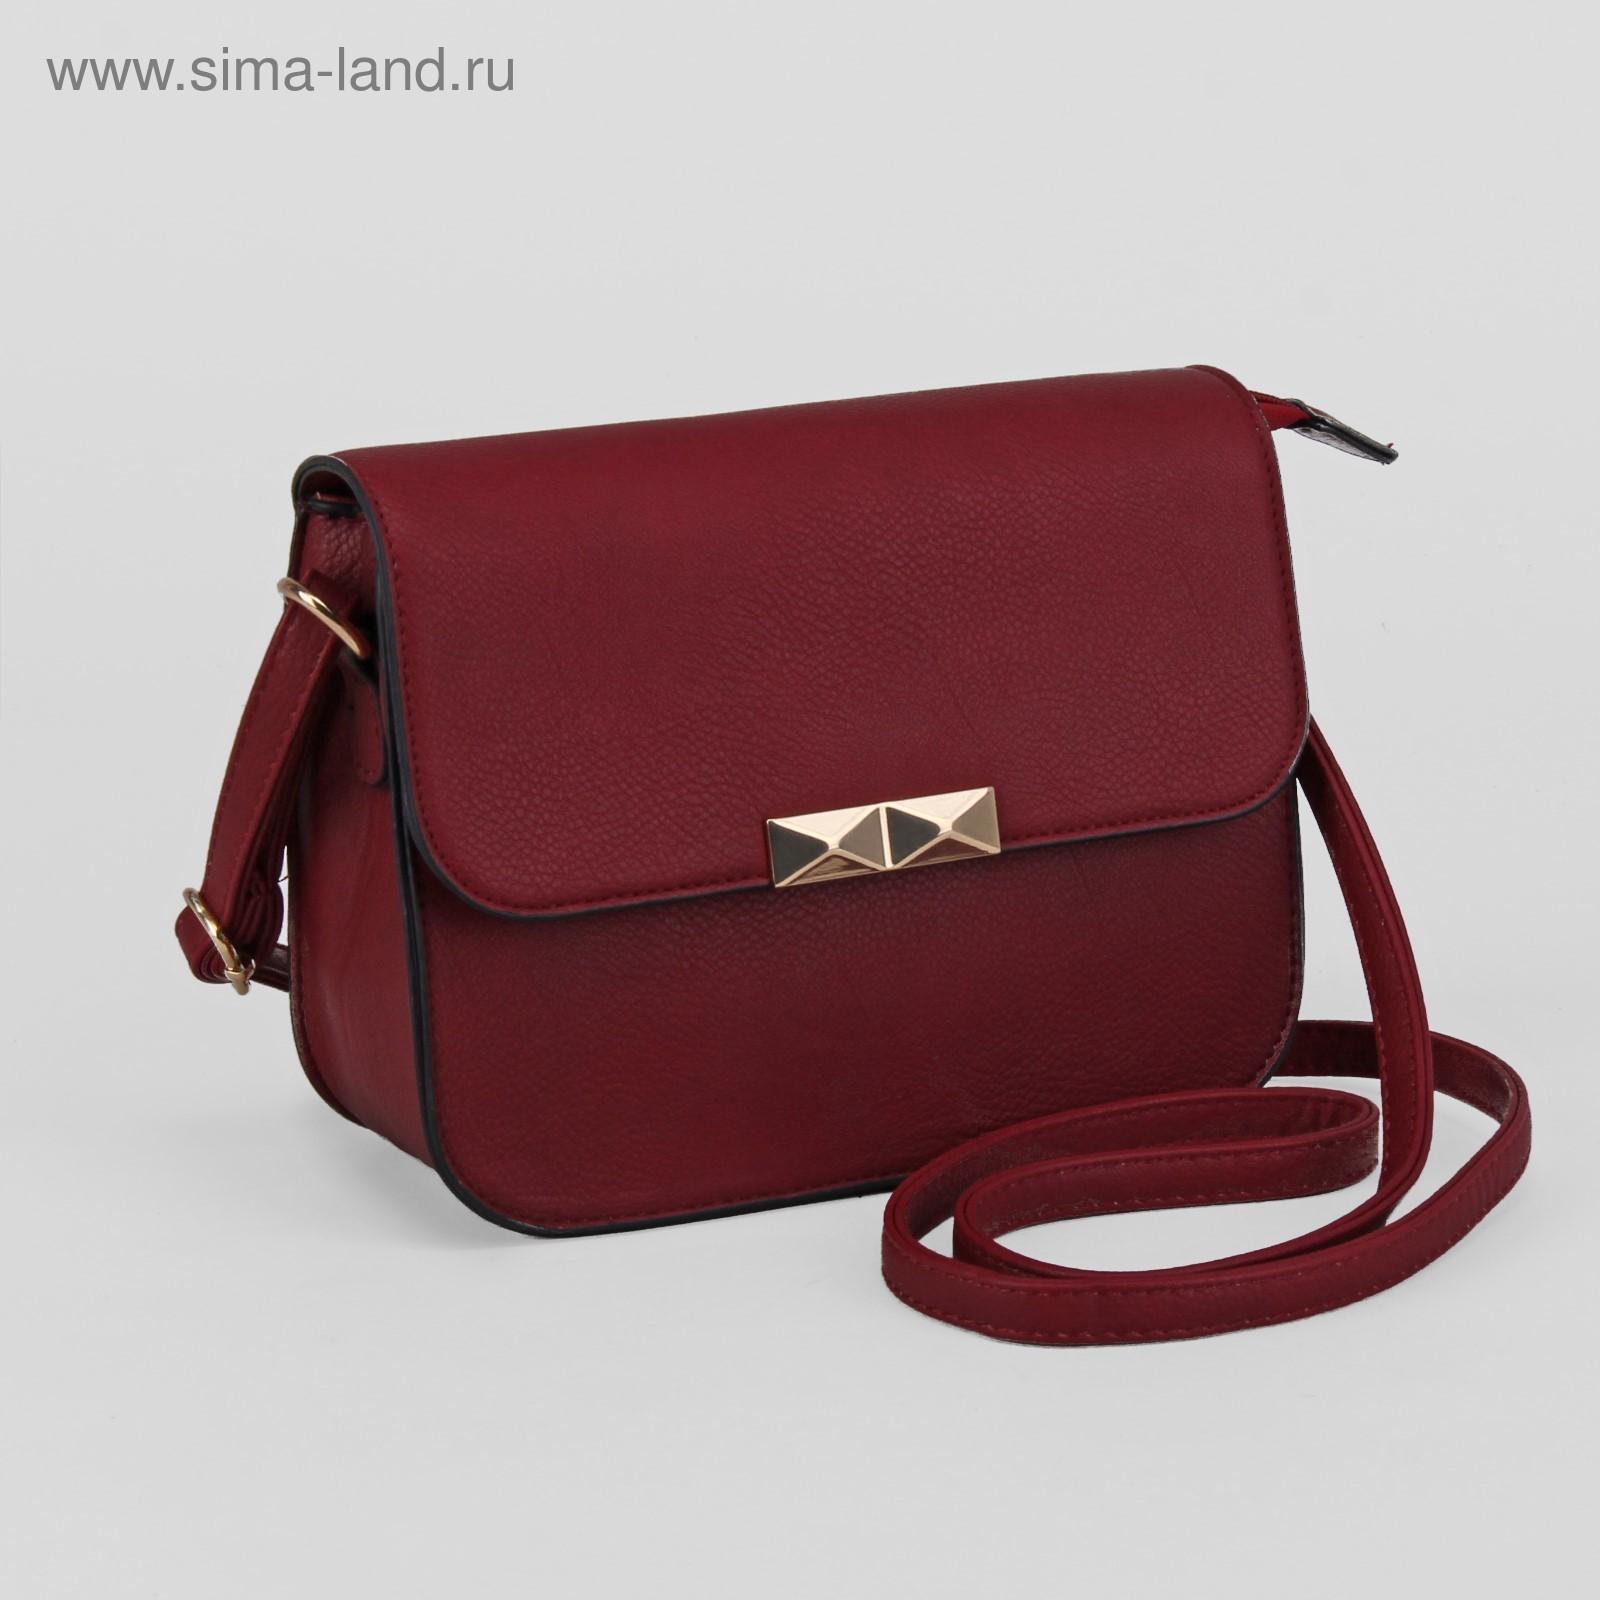 6bffb8a7f927 Сумка женская, отдел на молнии, наружный карман, длинный ремень, цвет  бордовый